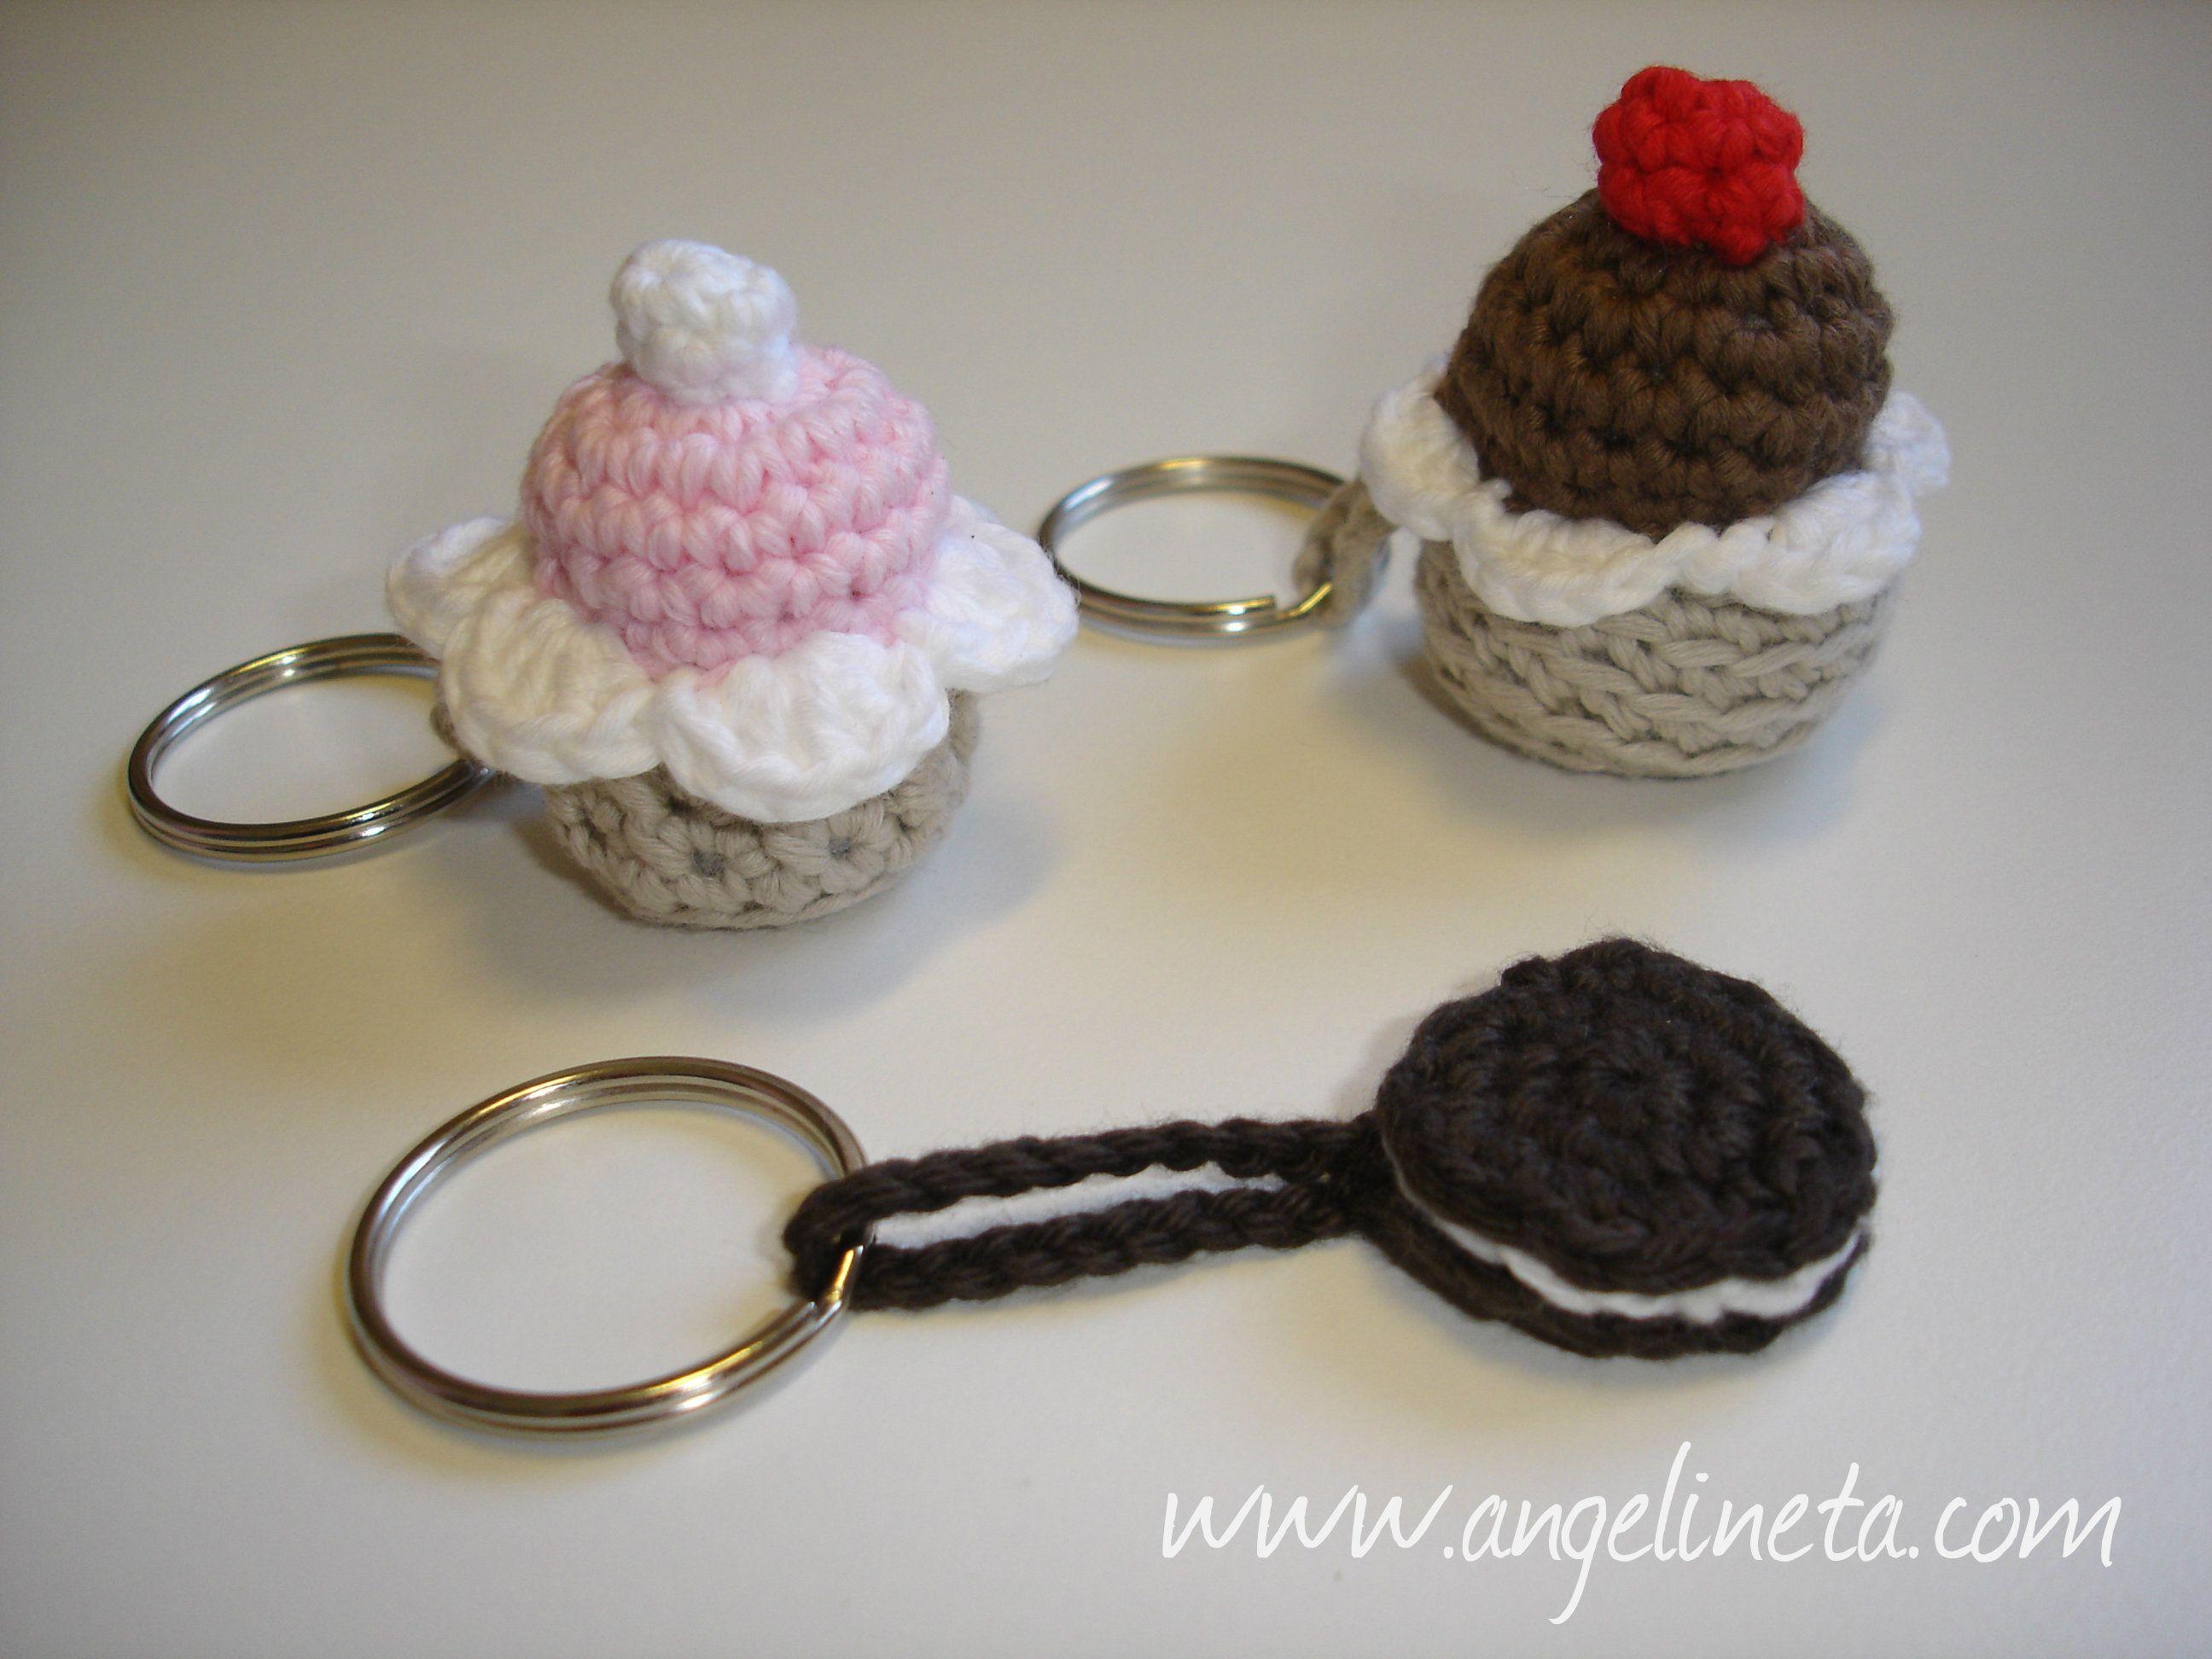 Llaveros Amigurumis Animales : Canal crochet camaleón amigurumi tutorial amigurumis